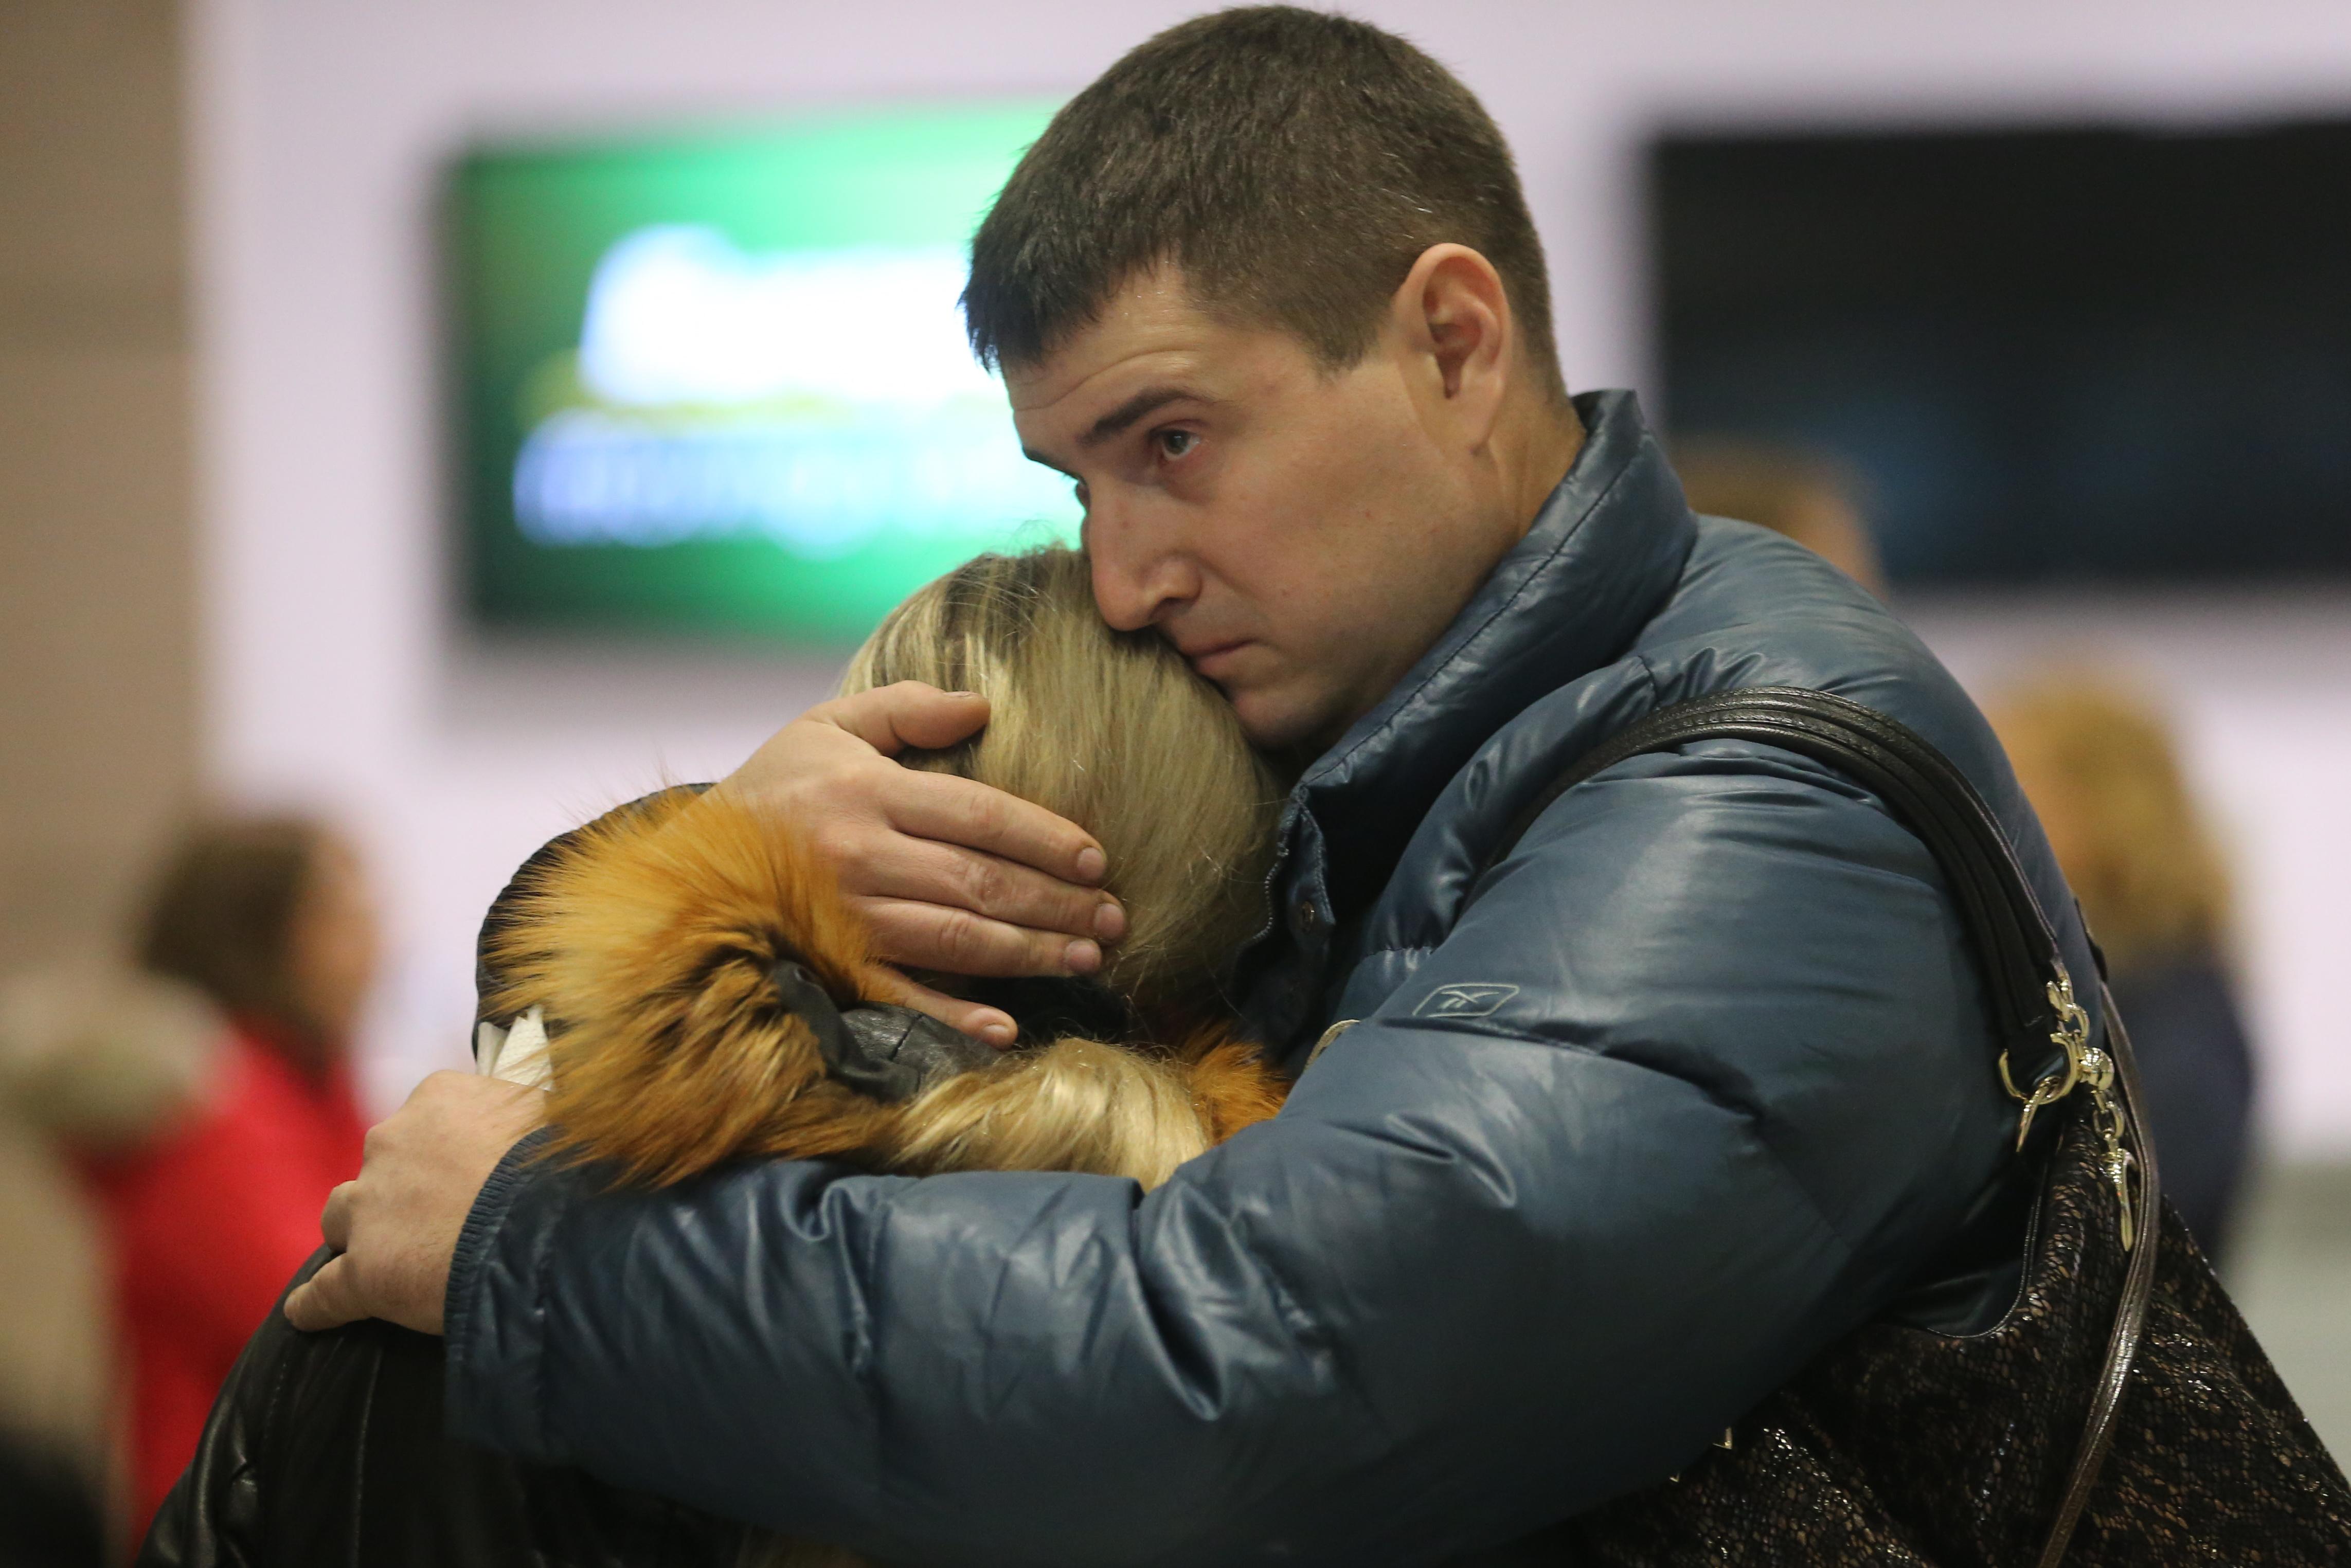 Bestürzung bei den Angehörigen der Passagiere des Unglücksfluges. Nach vergeblichem Warten am Flughafen Pulkowo in Sankt Petersburg zerbrachen alle Hoffnungen: Es gibt keine Überlebenden.